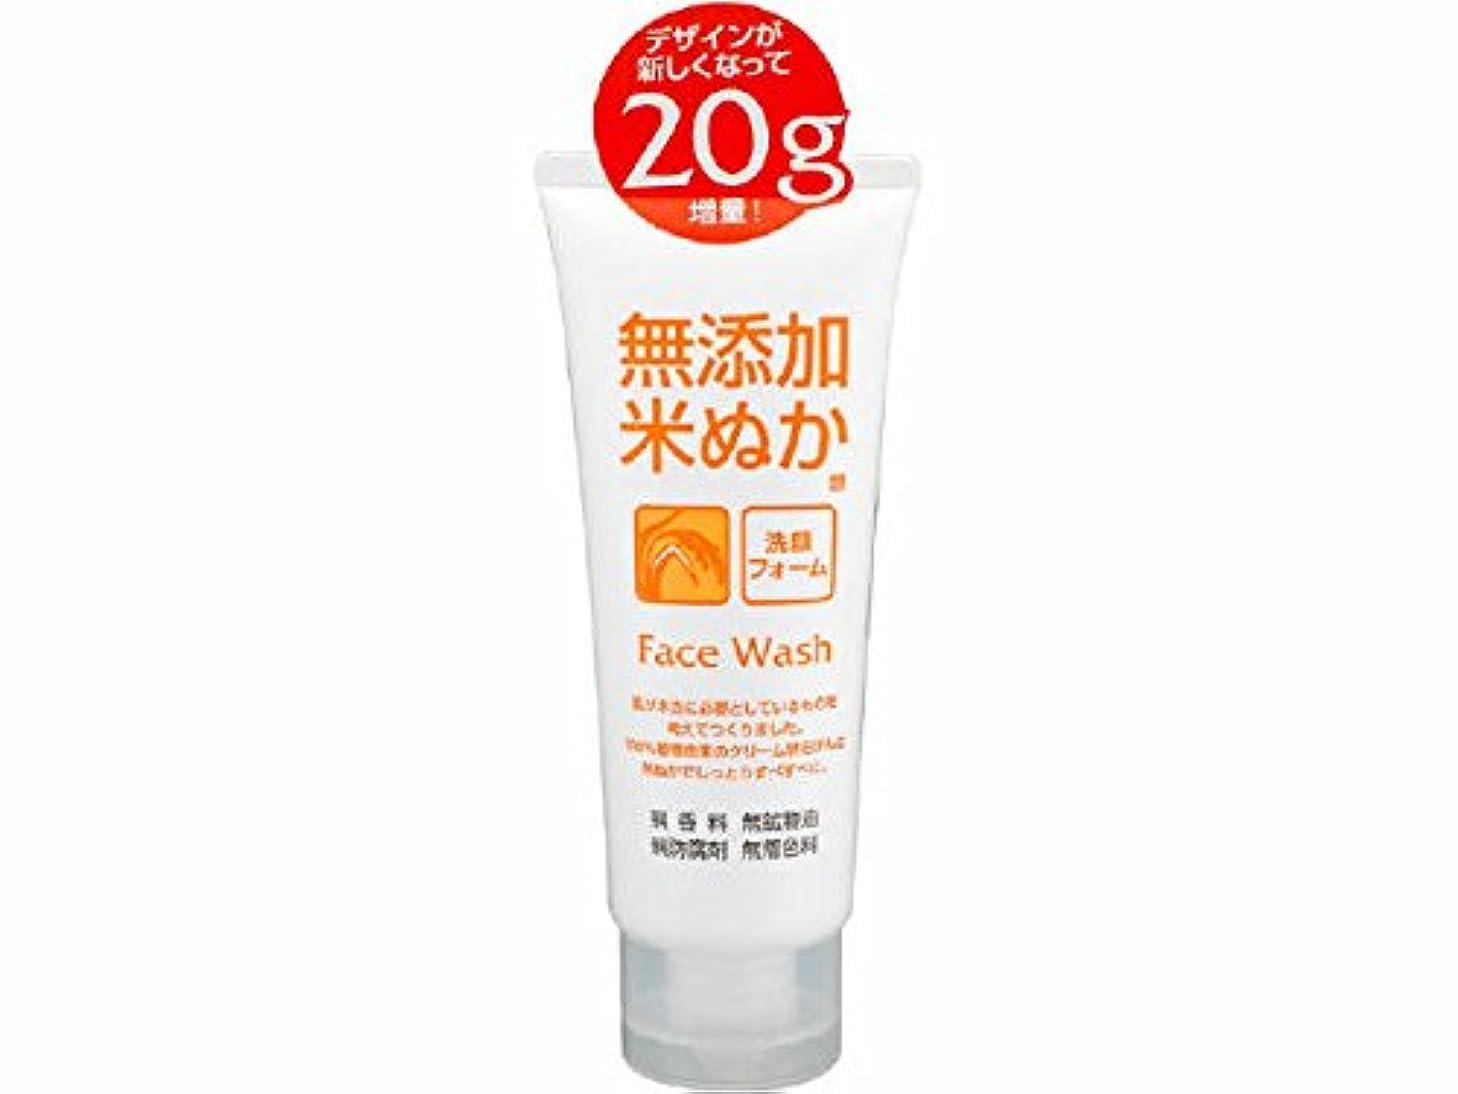 最も結論午後ロゼット(ROSETTE) 無添加米ぬか 洗顔フォーム 140g 100%植物由来のクリーム状石けんに米ぬかエキスを配合した洗顔フォーム×48点セット (4901696534069)